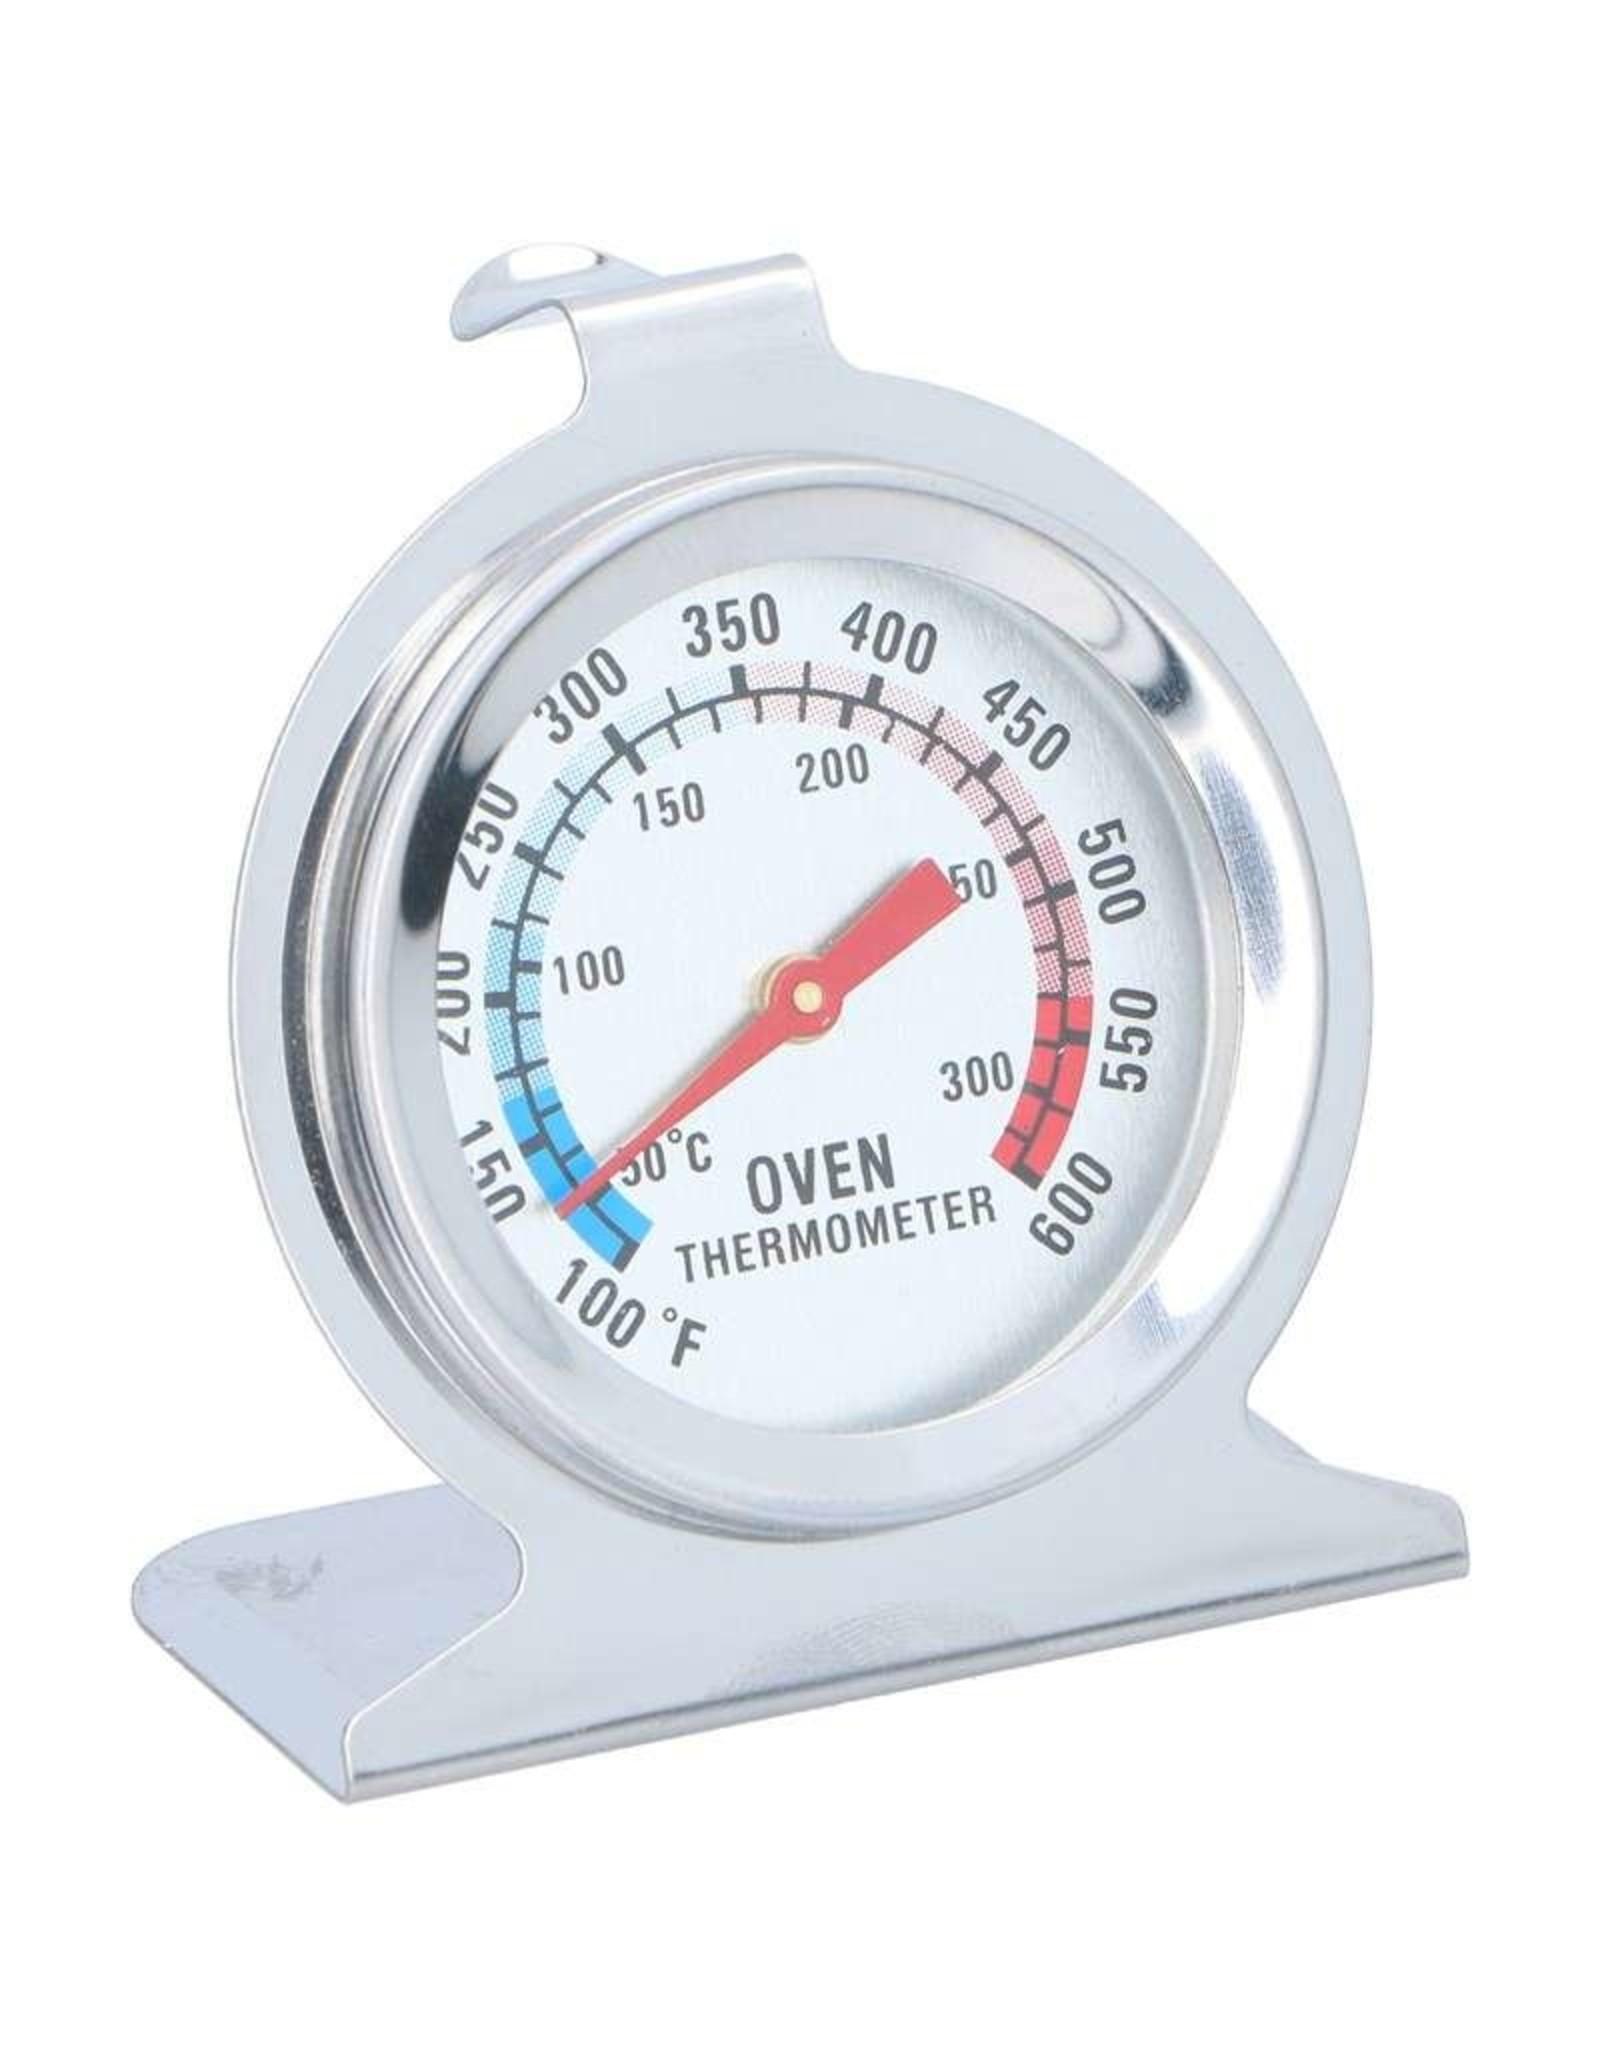 Alpina Oven Thermometer RVS D6xH6,5cm